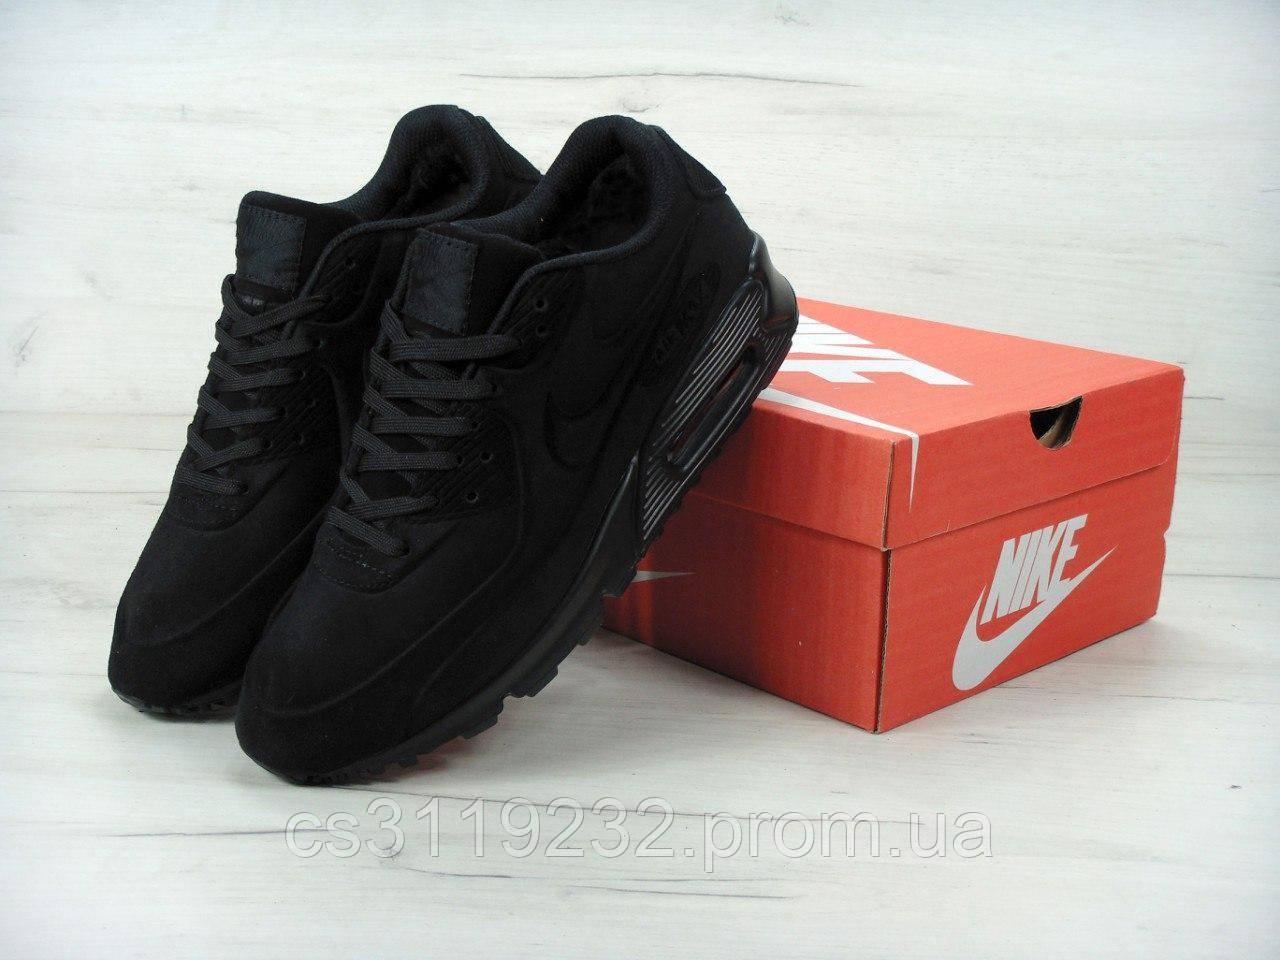 Мужские кроссовки зимние Nike Air Max 90  (мех) (черные) 44р. 28 см